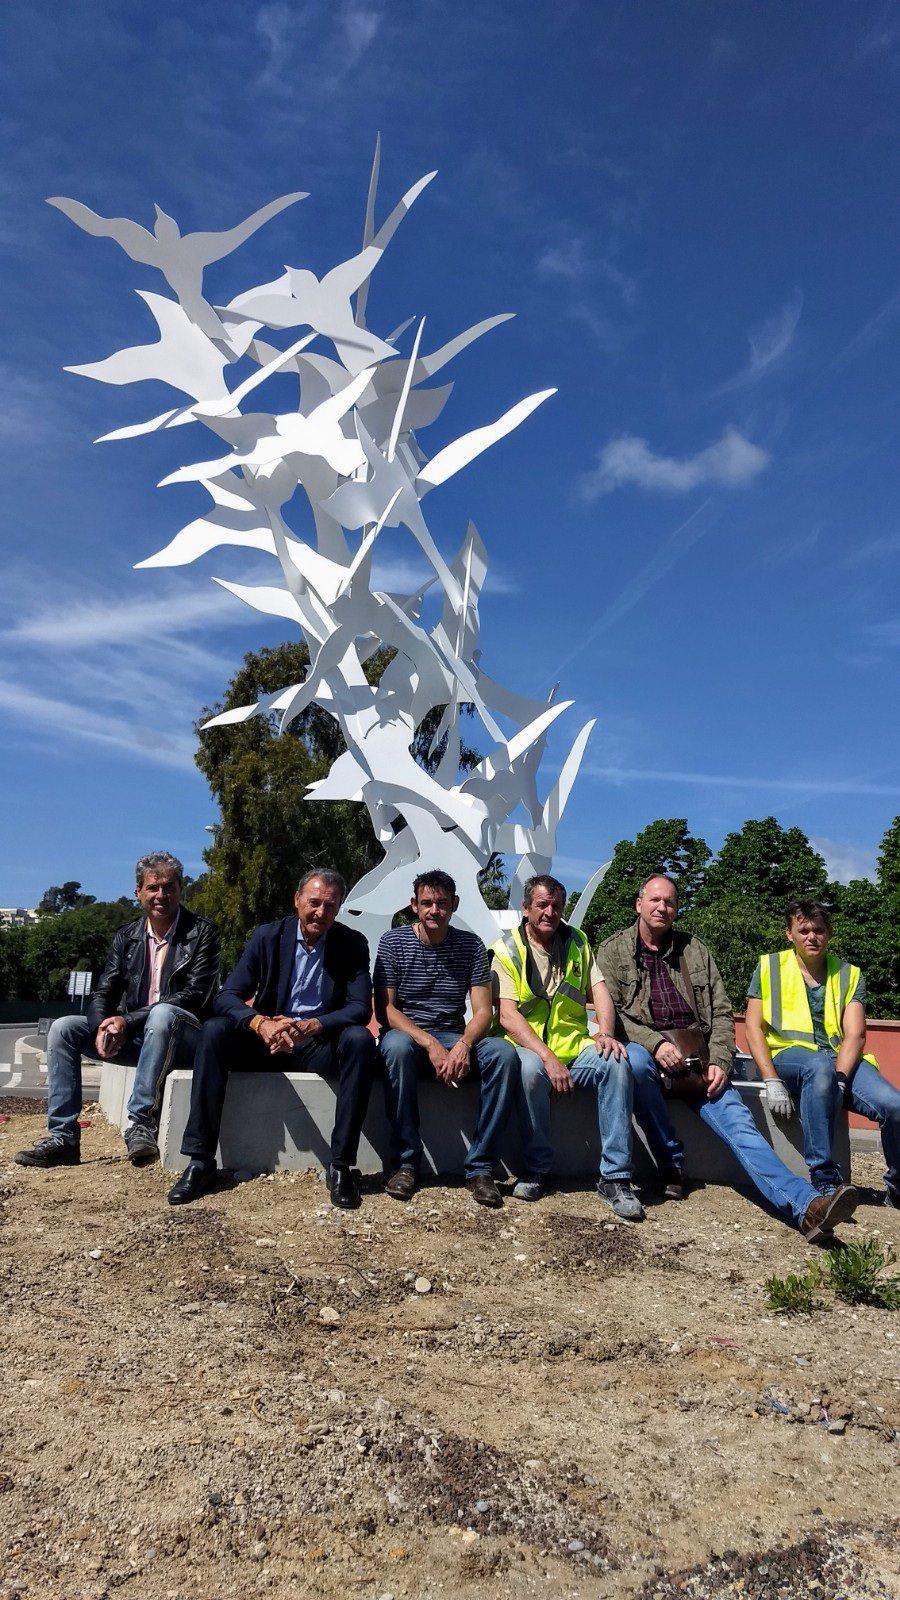 Les équipes municipales ont œuvré aux côtés de l'artiste à la mise en place de l'œuvre sur le rond-point Baie des Anges. Elles vont poursuivre avec l'aménagement du sol du rond-point et la mise en lumière cet été.